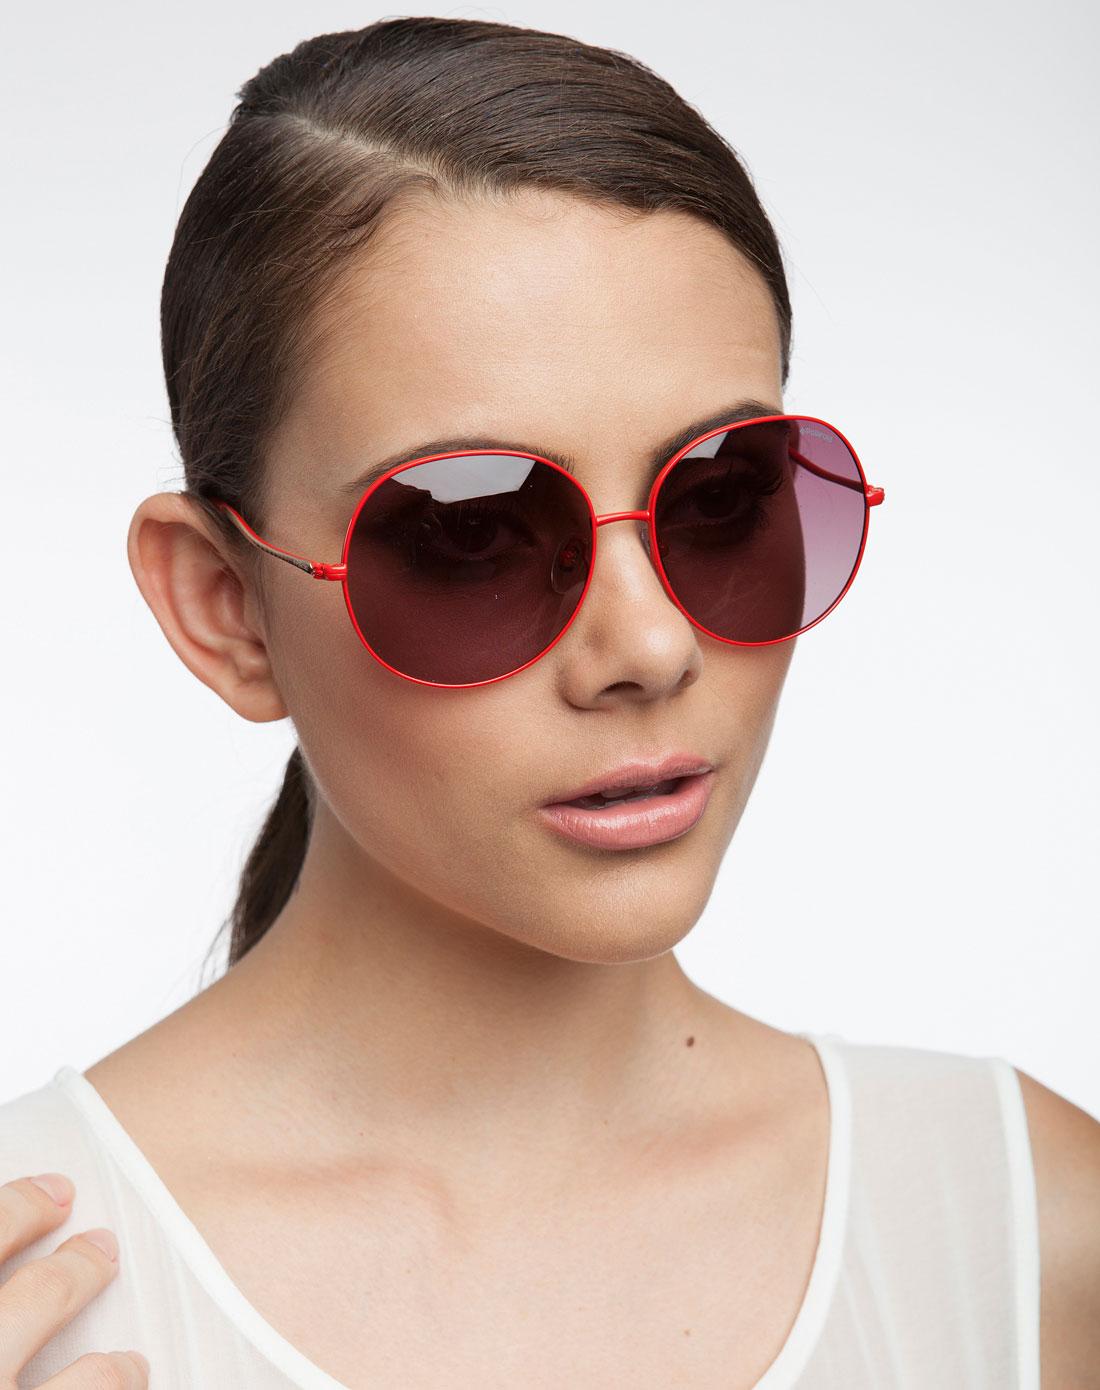 宝丽来polaroid女士眼镜专场-复古俏皮可爱气质偏光镜